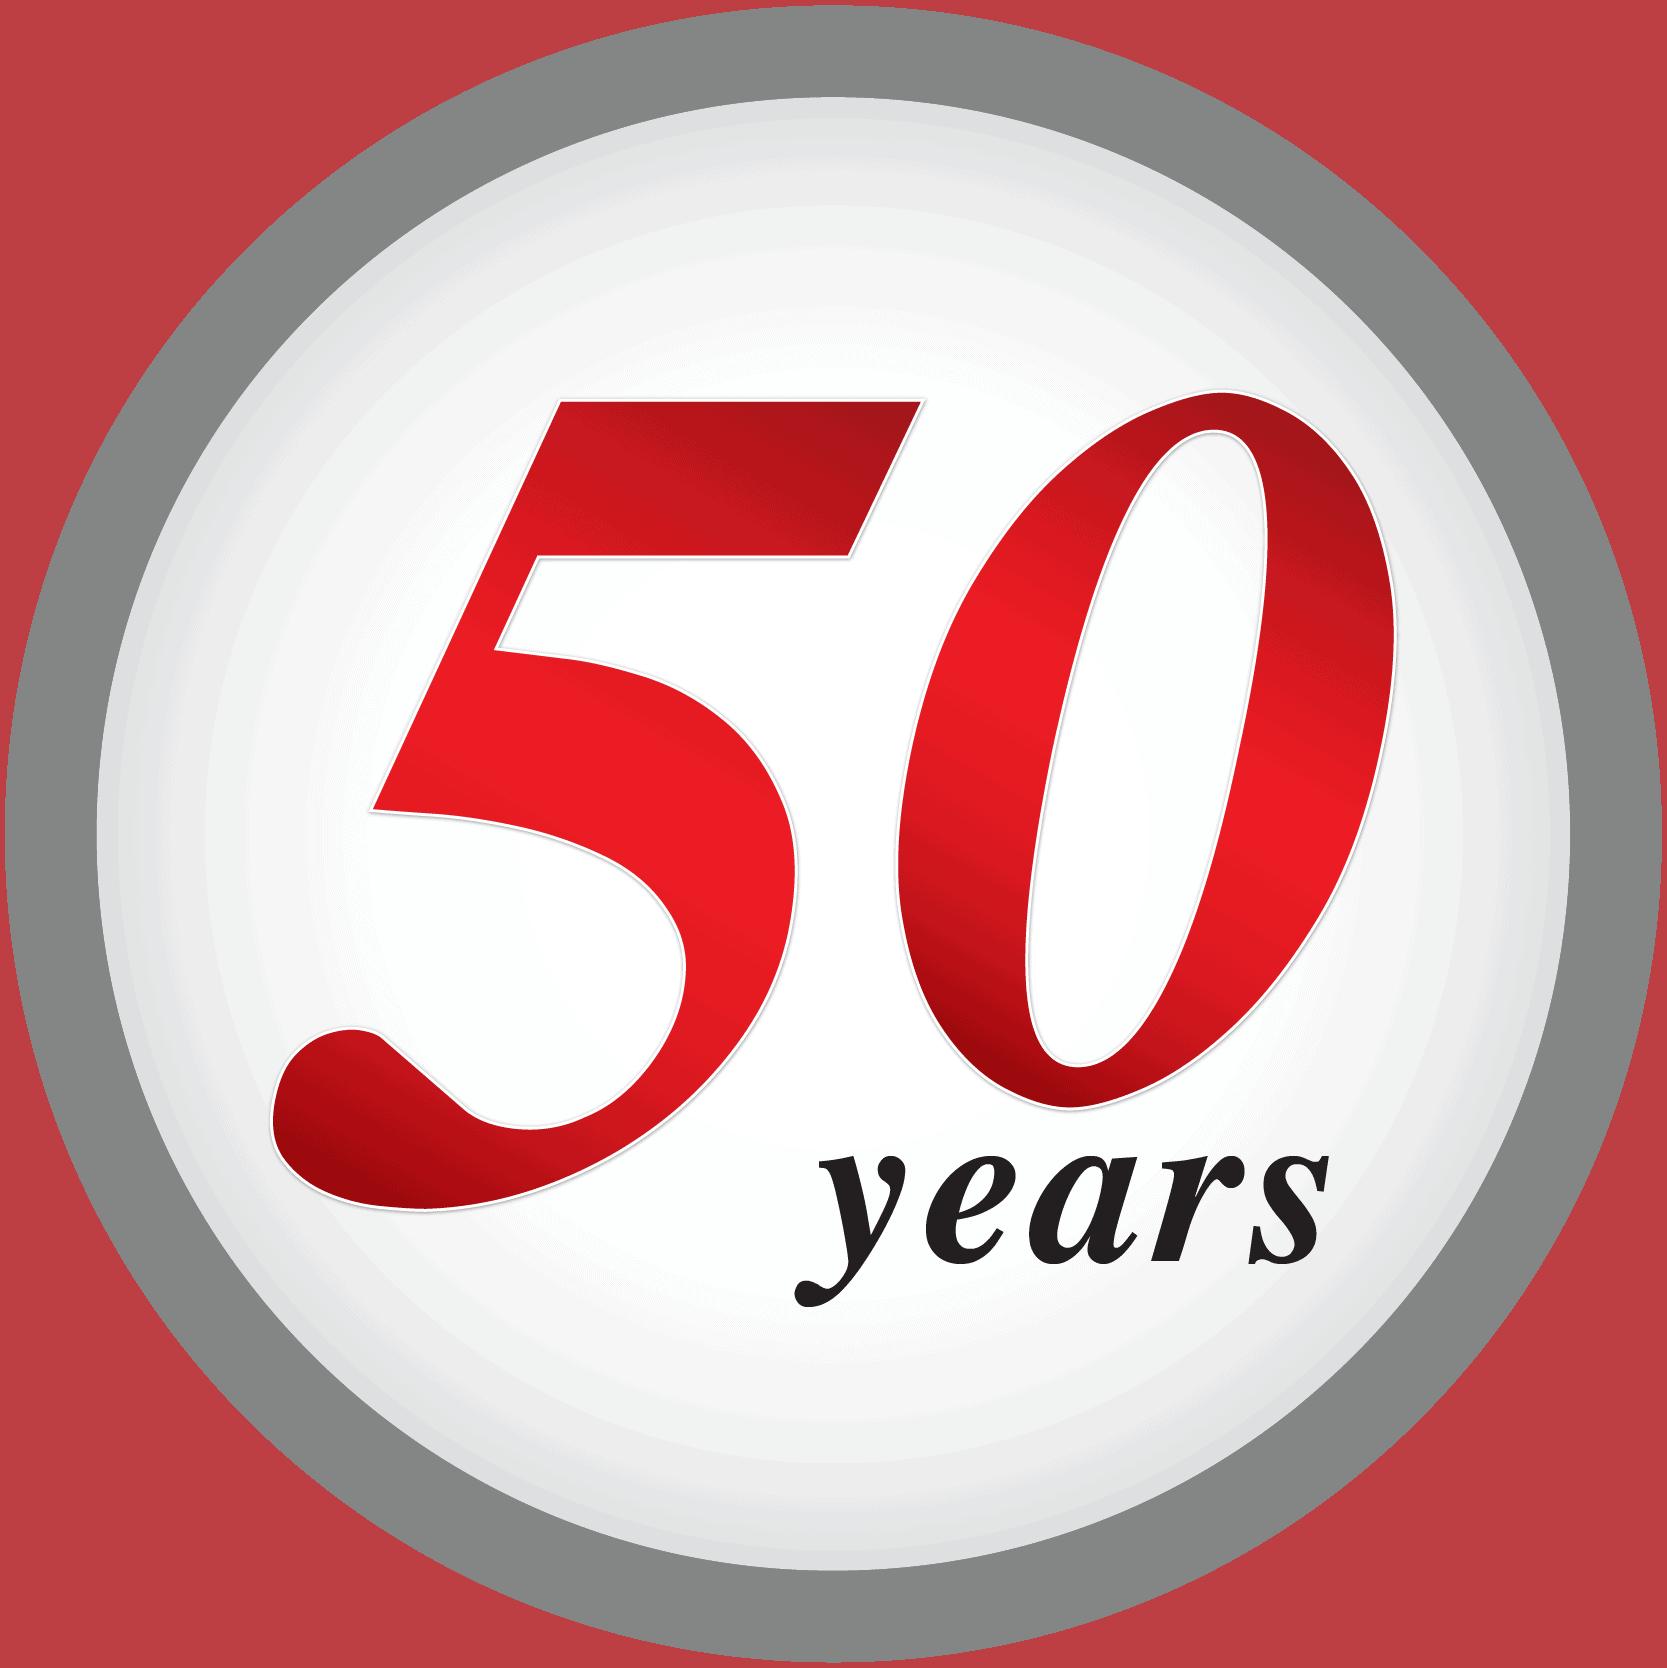 อายุการใช้งานยาวนาน 50 ปี